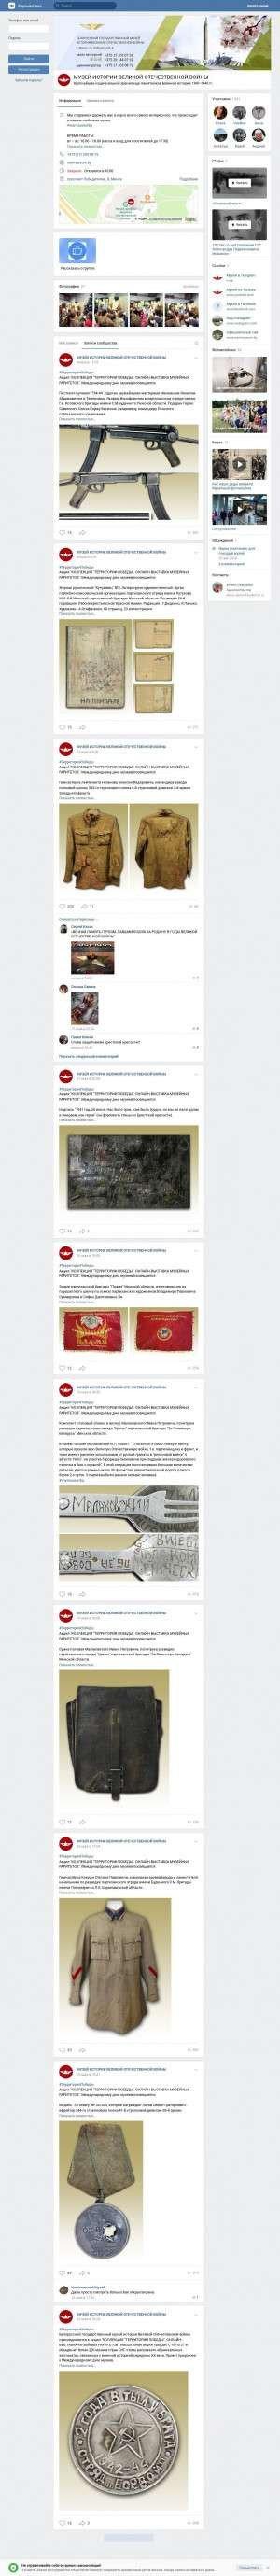 Предпросмотр для vk.com — Белорусский Государственный Музей Истории Великой Отечественной Войны